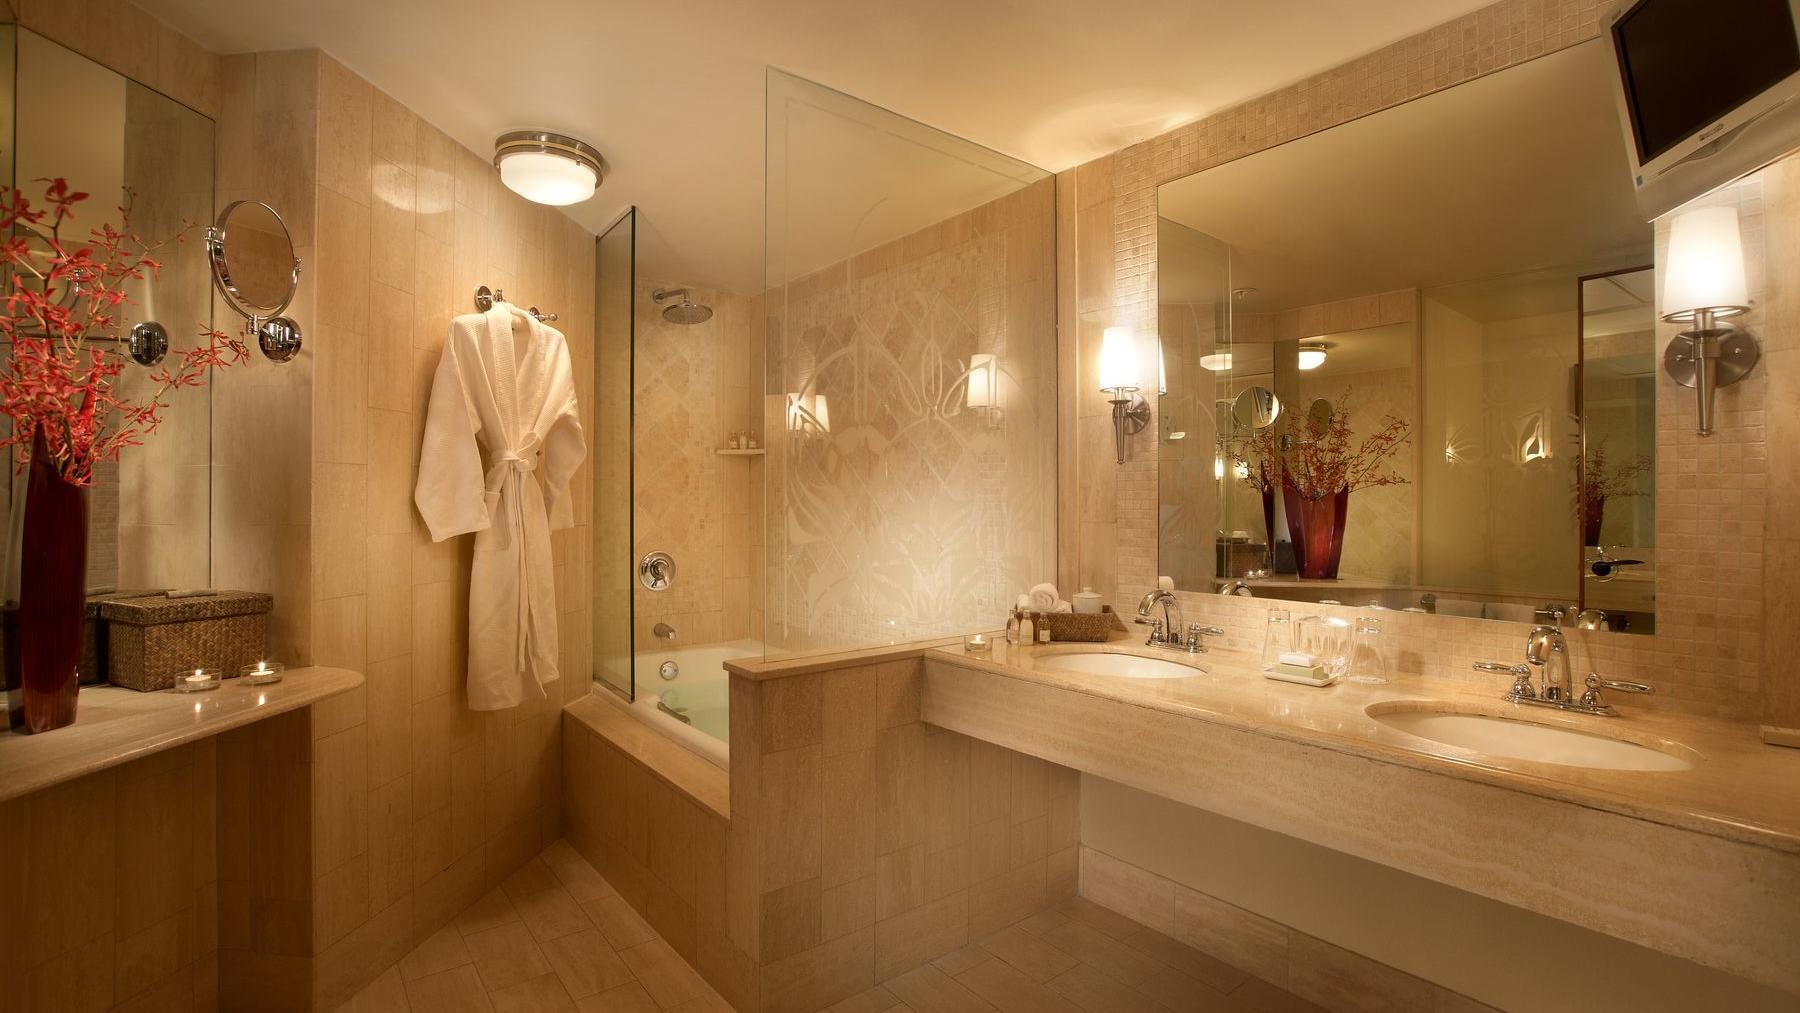 Mayfair Suite